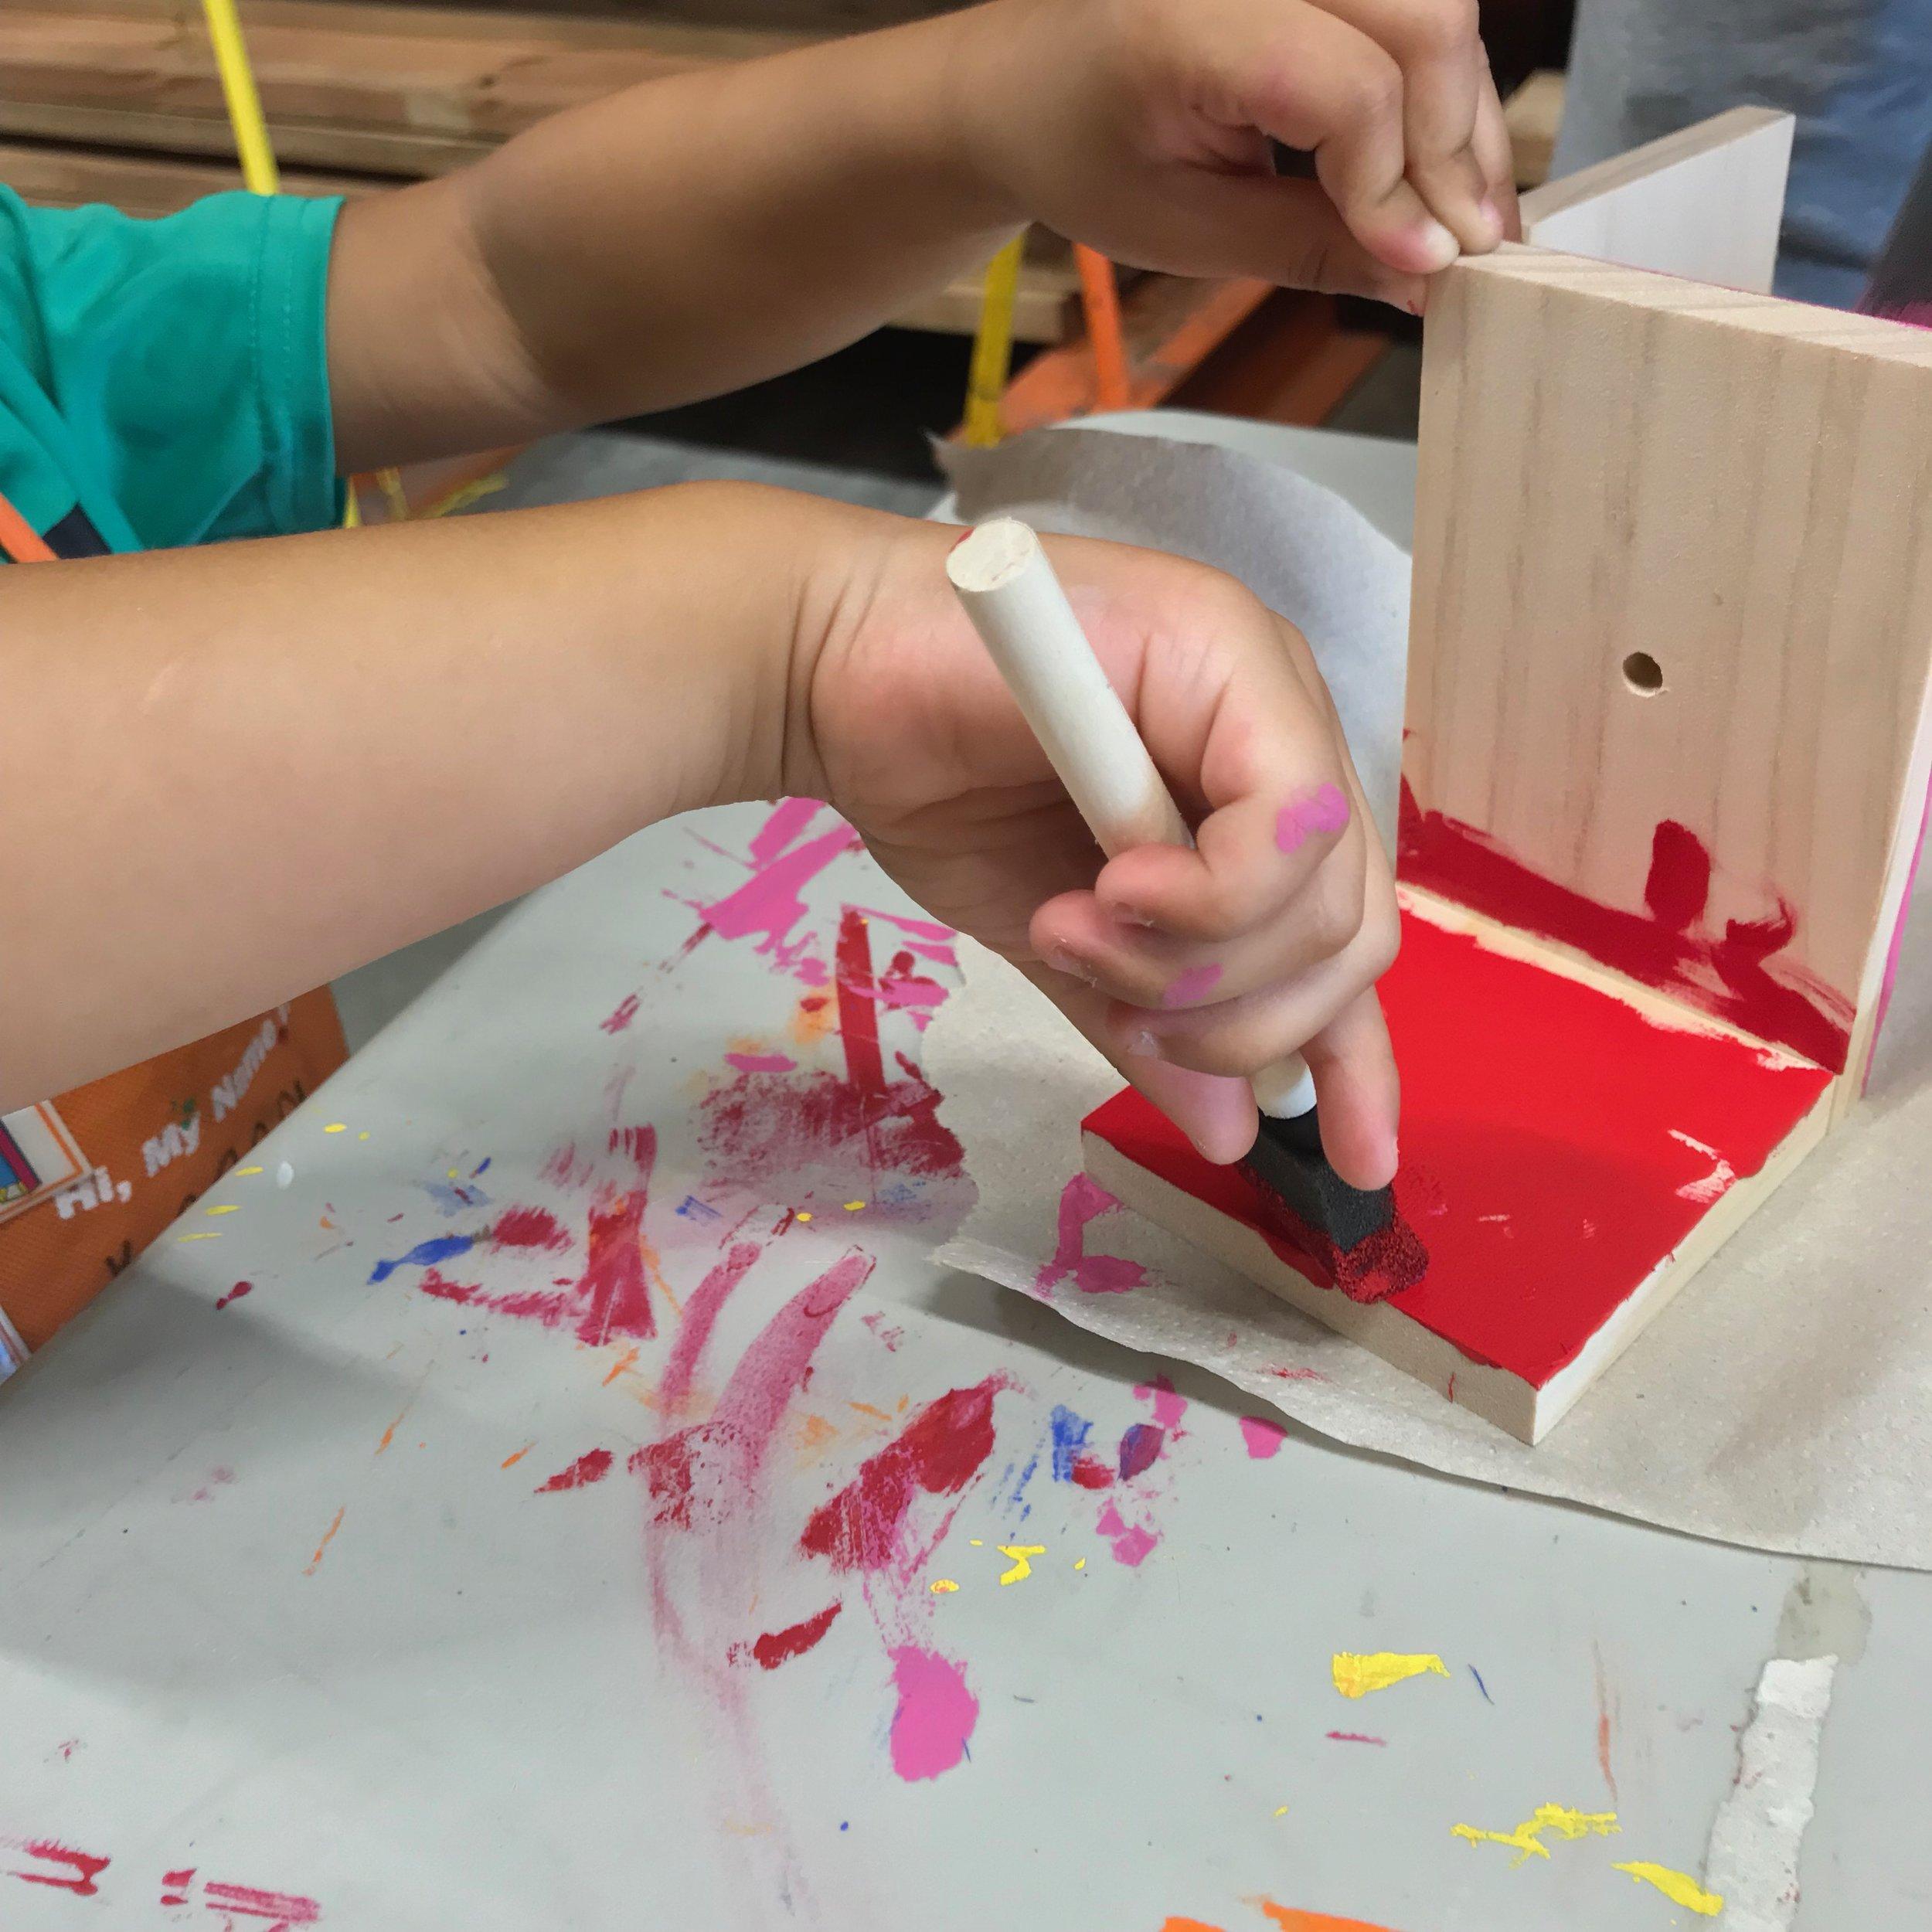 Home Depot Kids DIY Workshop